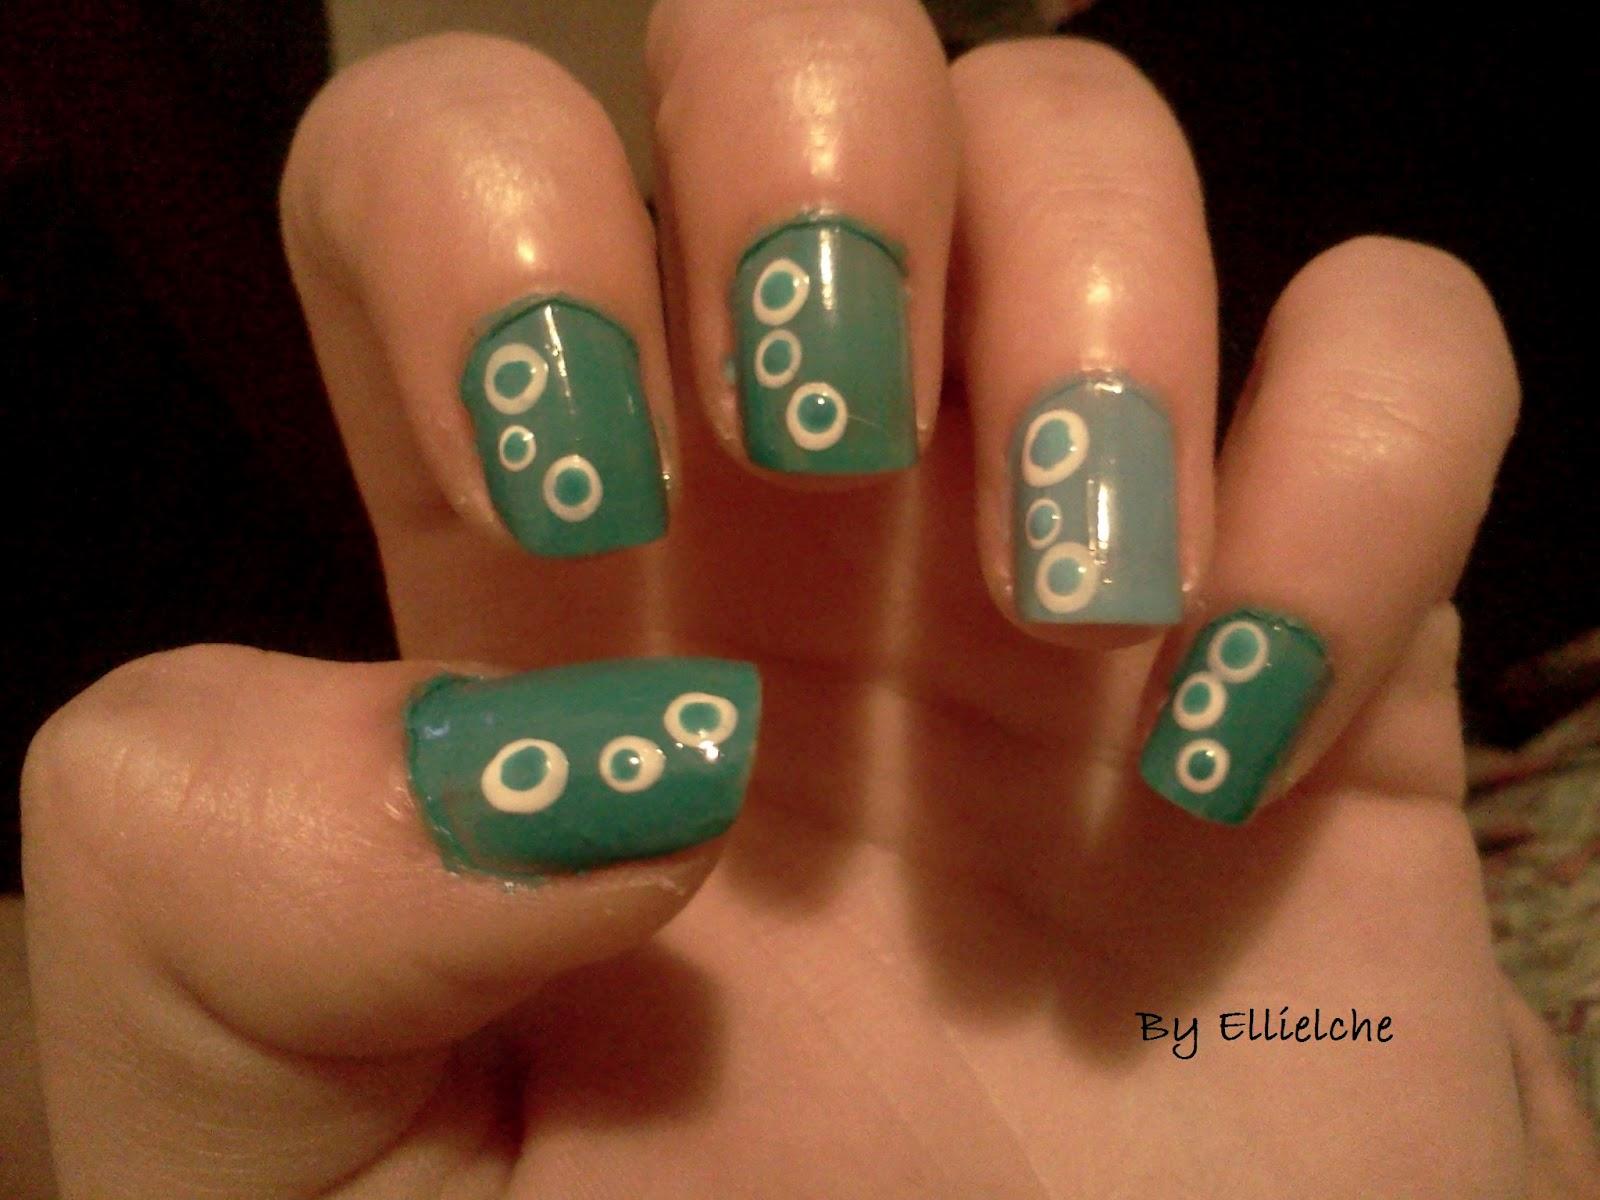 this nail art design is variation of sugar dots nail art i made before